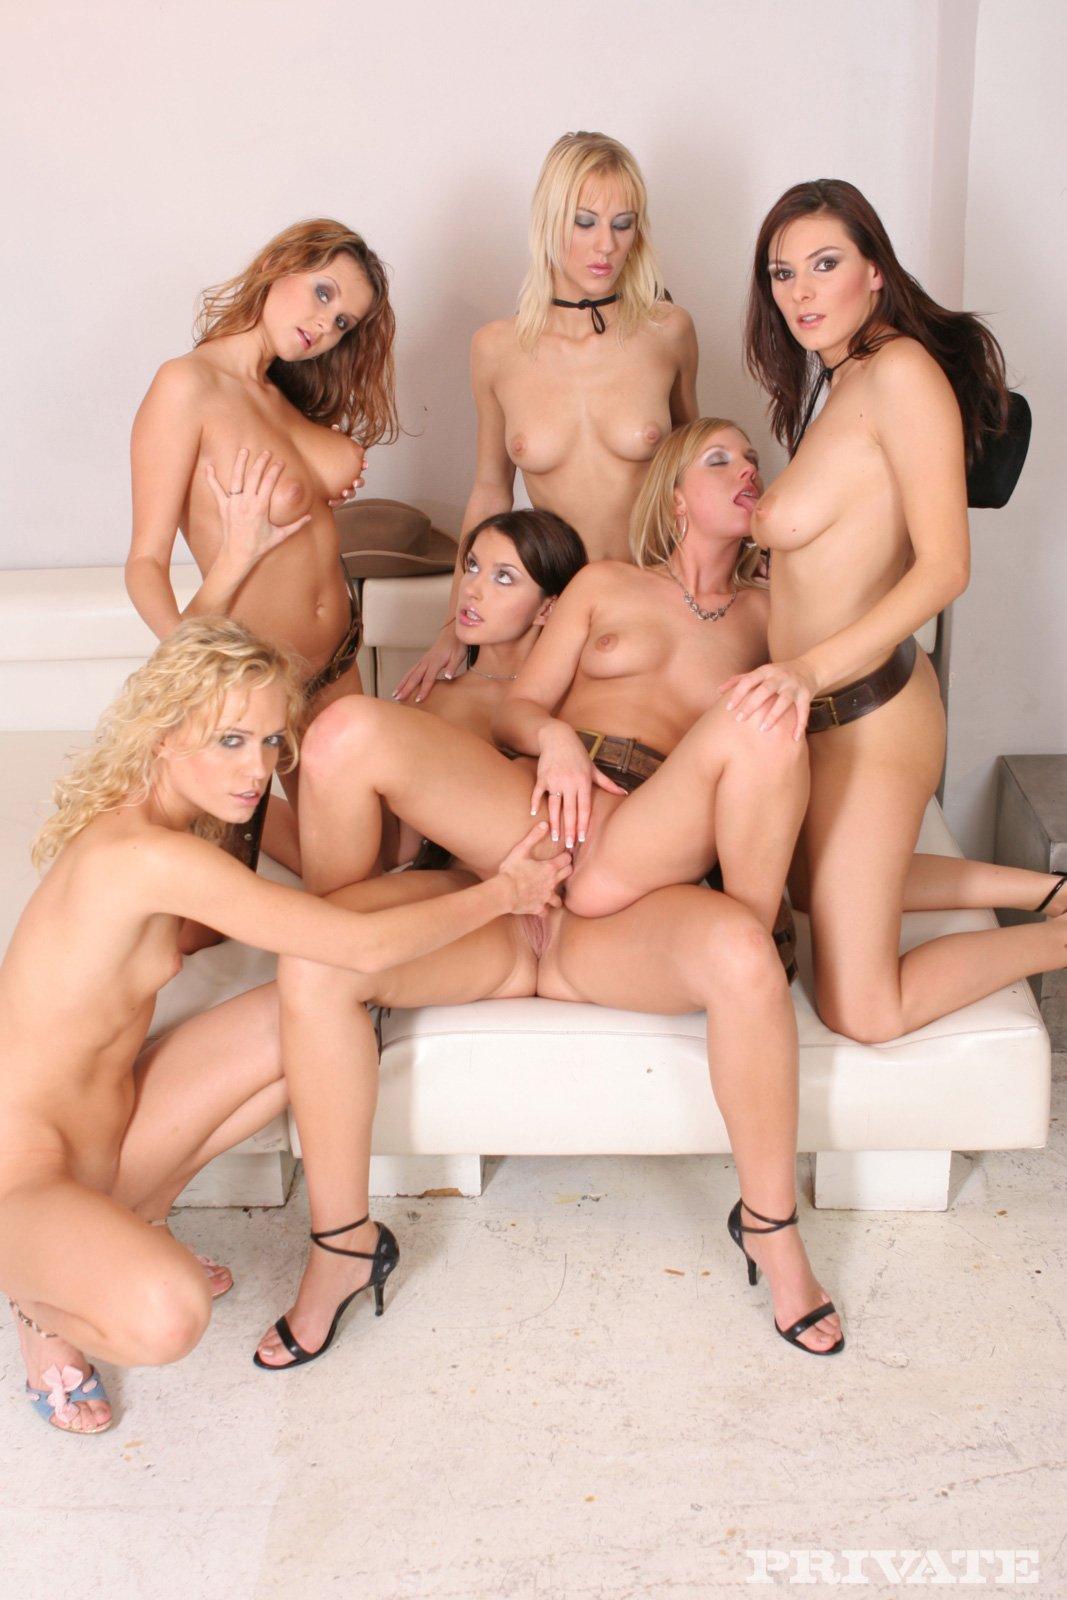 Preetty girl full nude